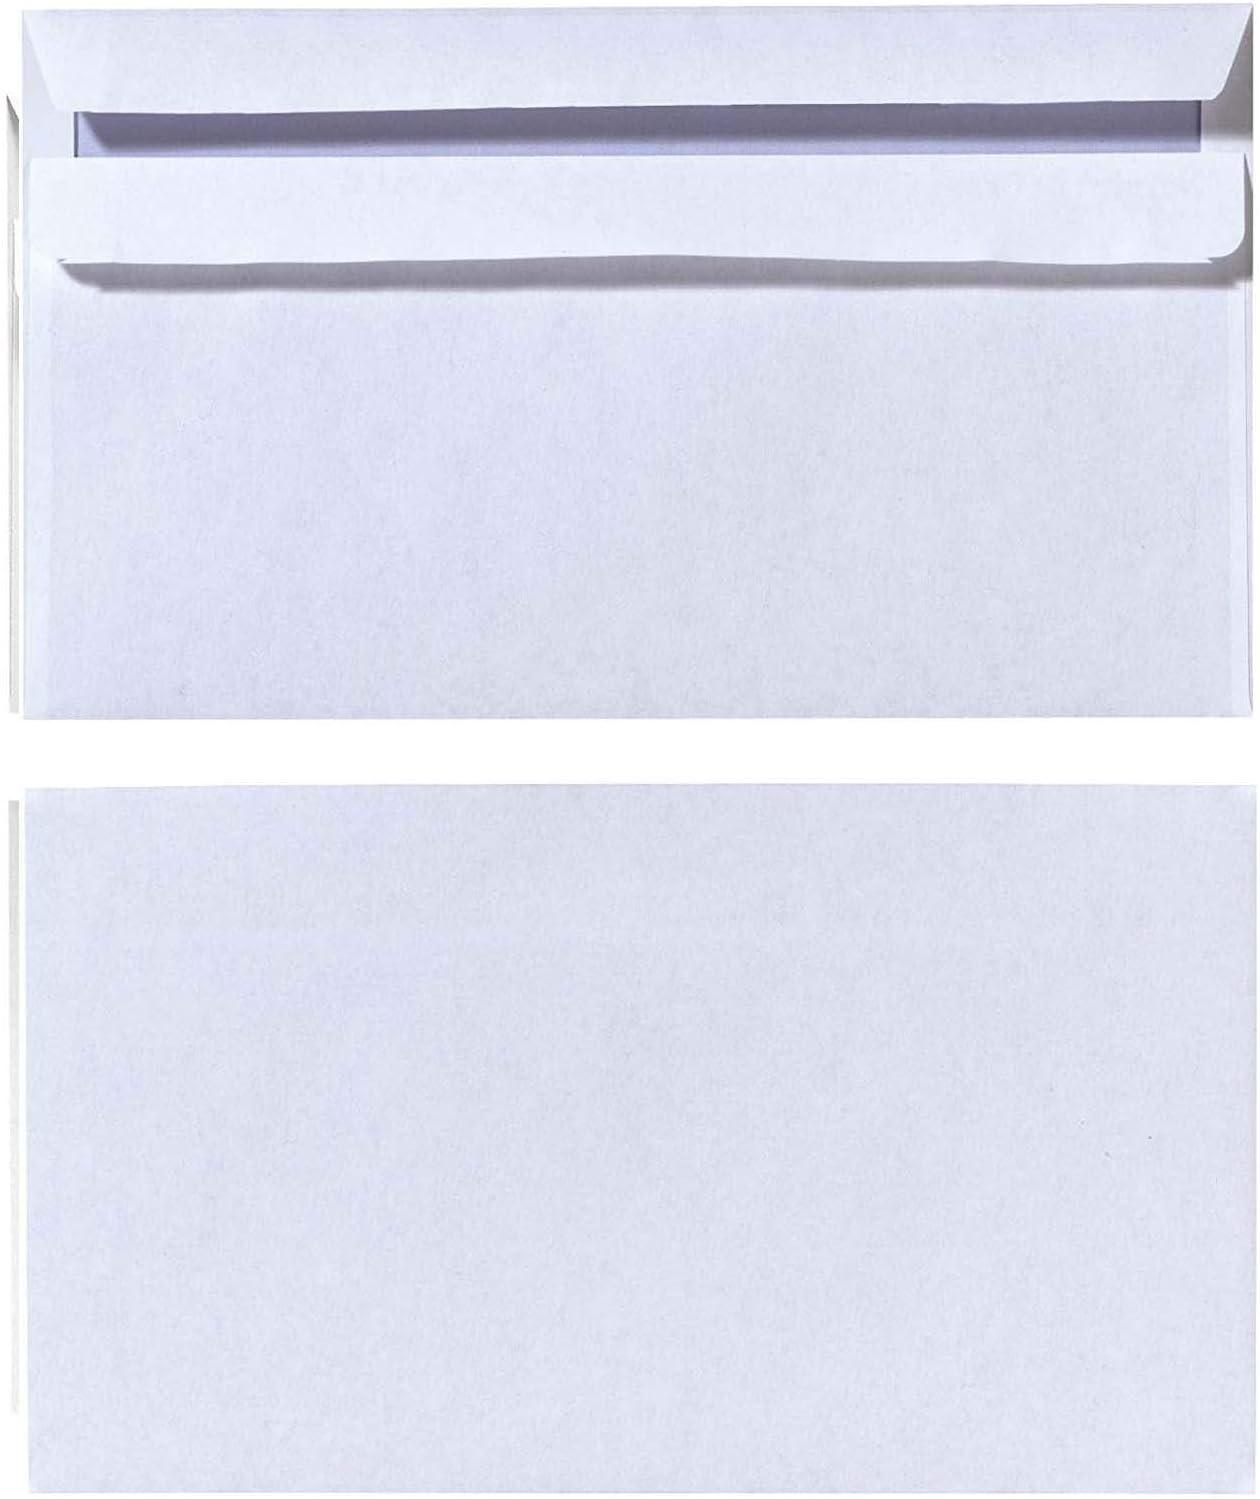 100 St/ück mit Innendruck in Folienpackung Selbstklebend mit Fenster wei/ß Herlitz Briefumschlag DIN Lang 2x 100 St/ück eingeschwei/ßt